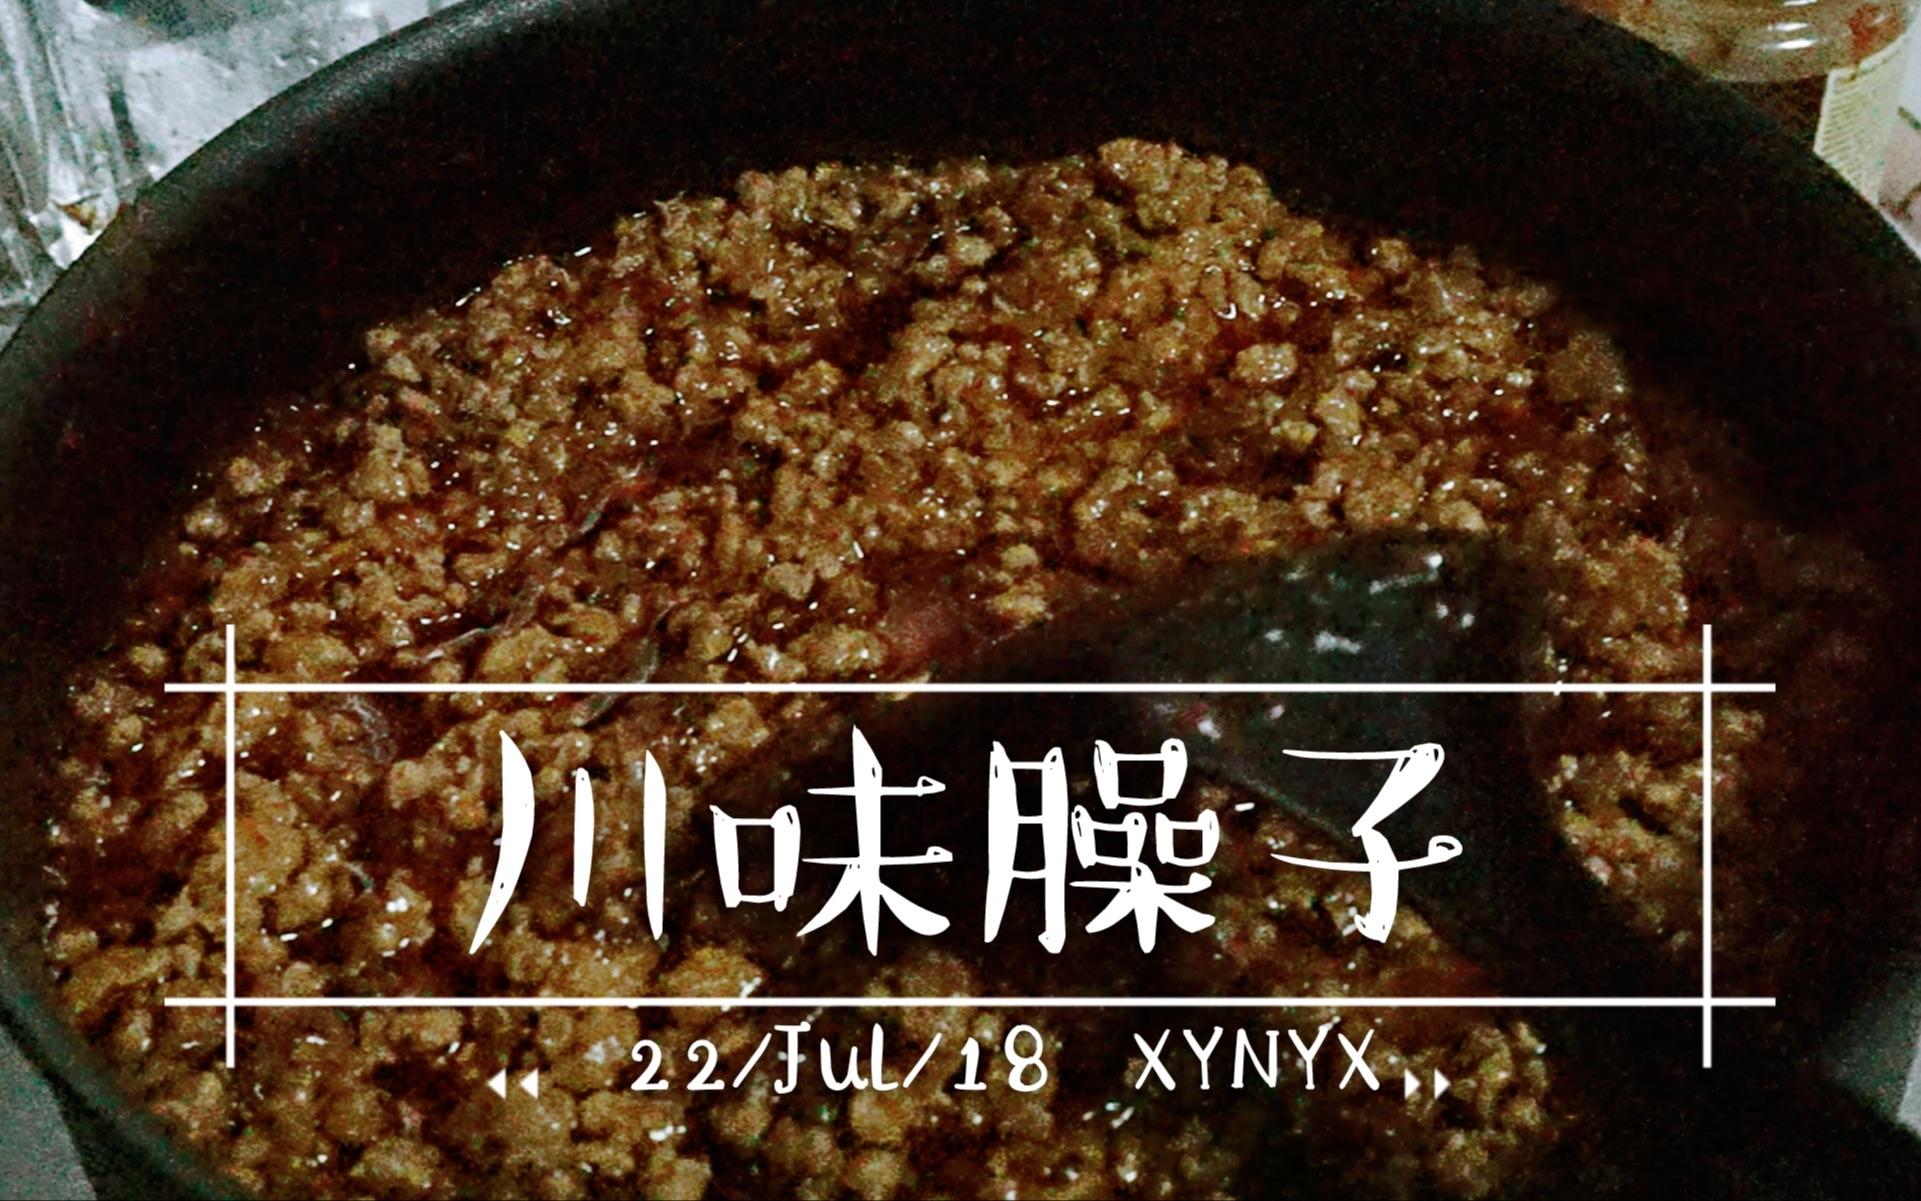 【川味臊子】煮面神器!做一次吃大半个月的超给力肉臊~从买肉到做好装瓶的全攻略~